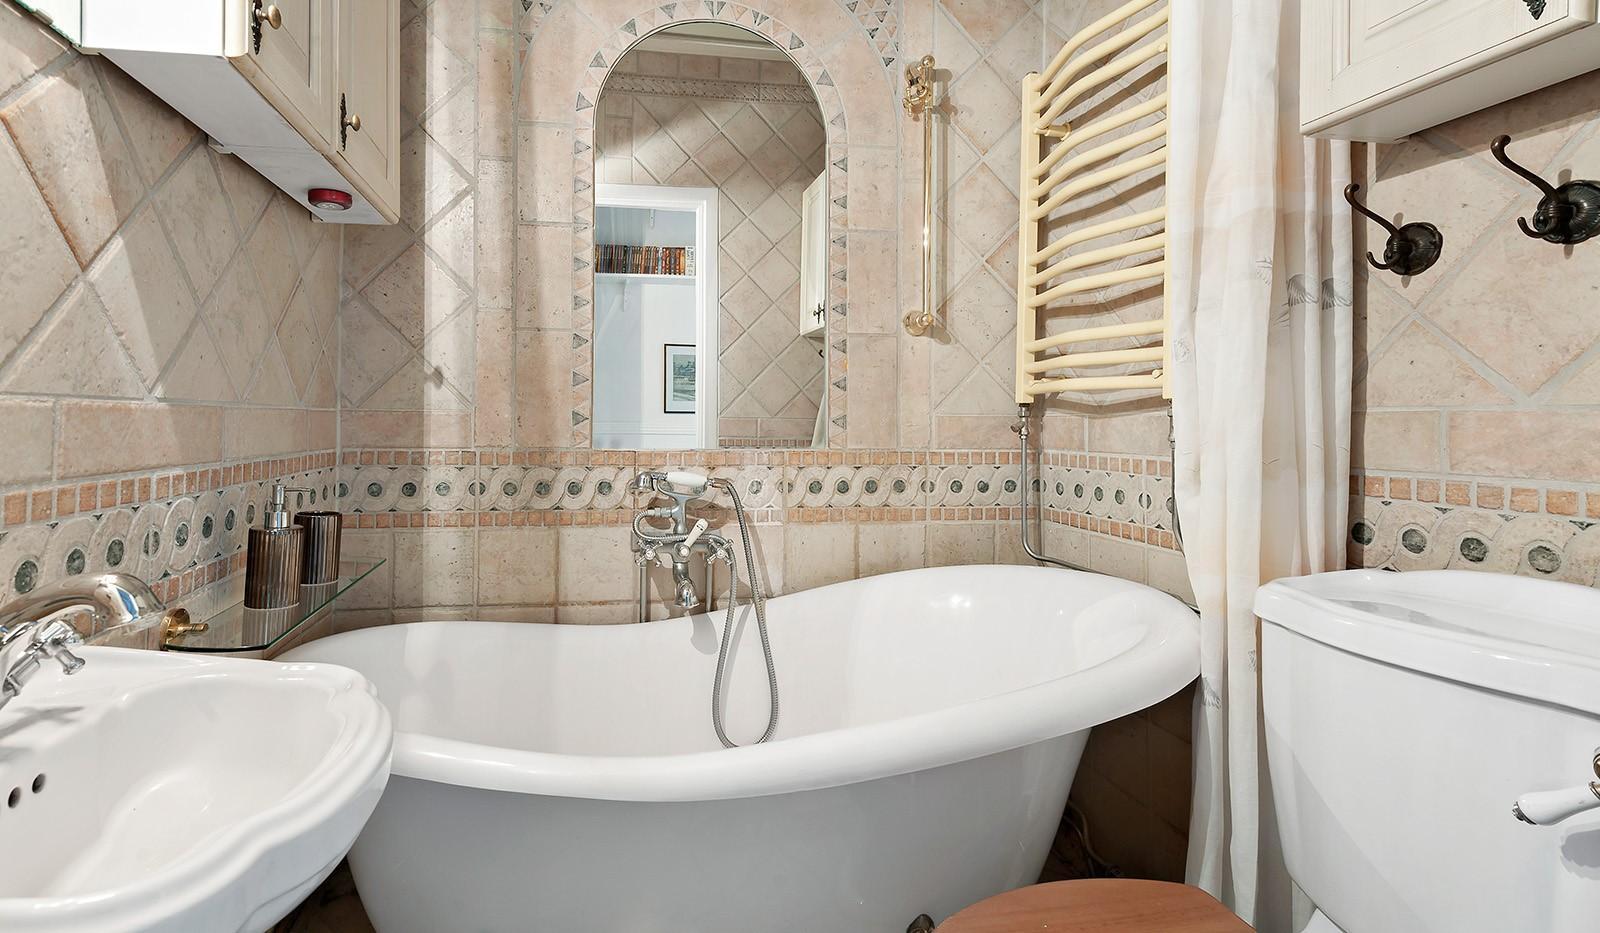 Klubbacken 39, 3 tr - Badrum med badkar och golvvärme